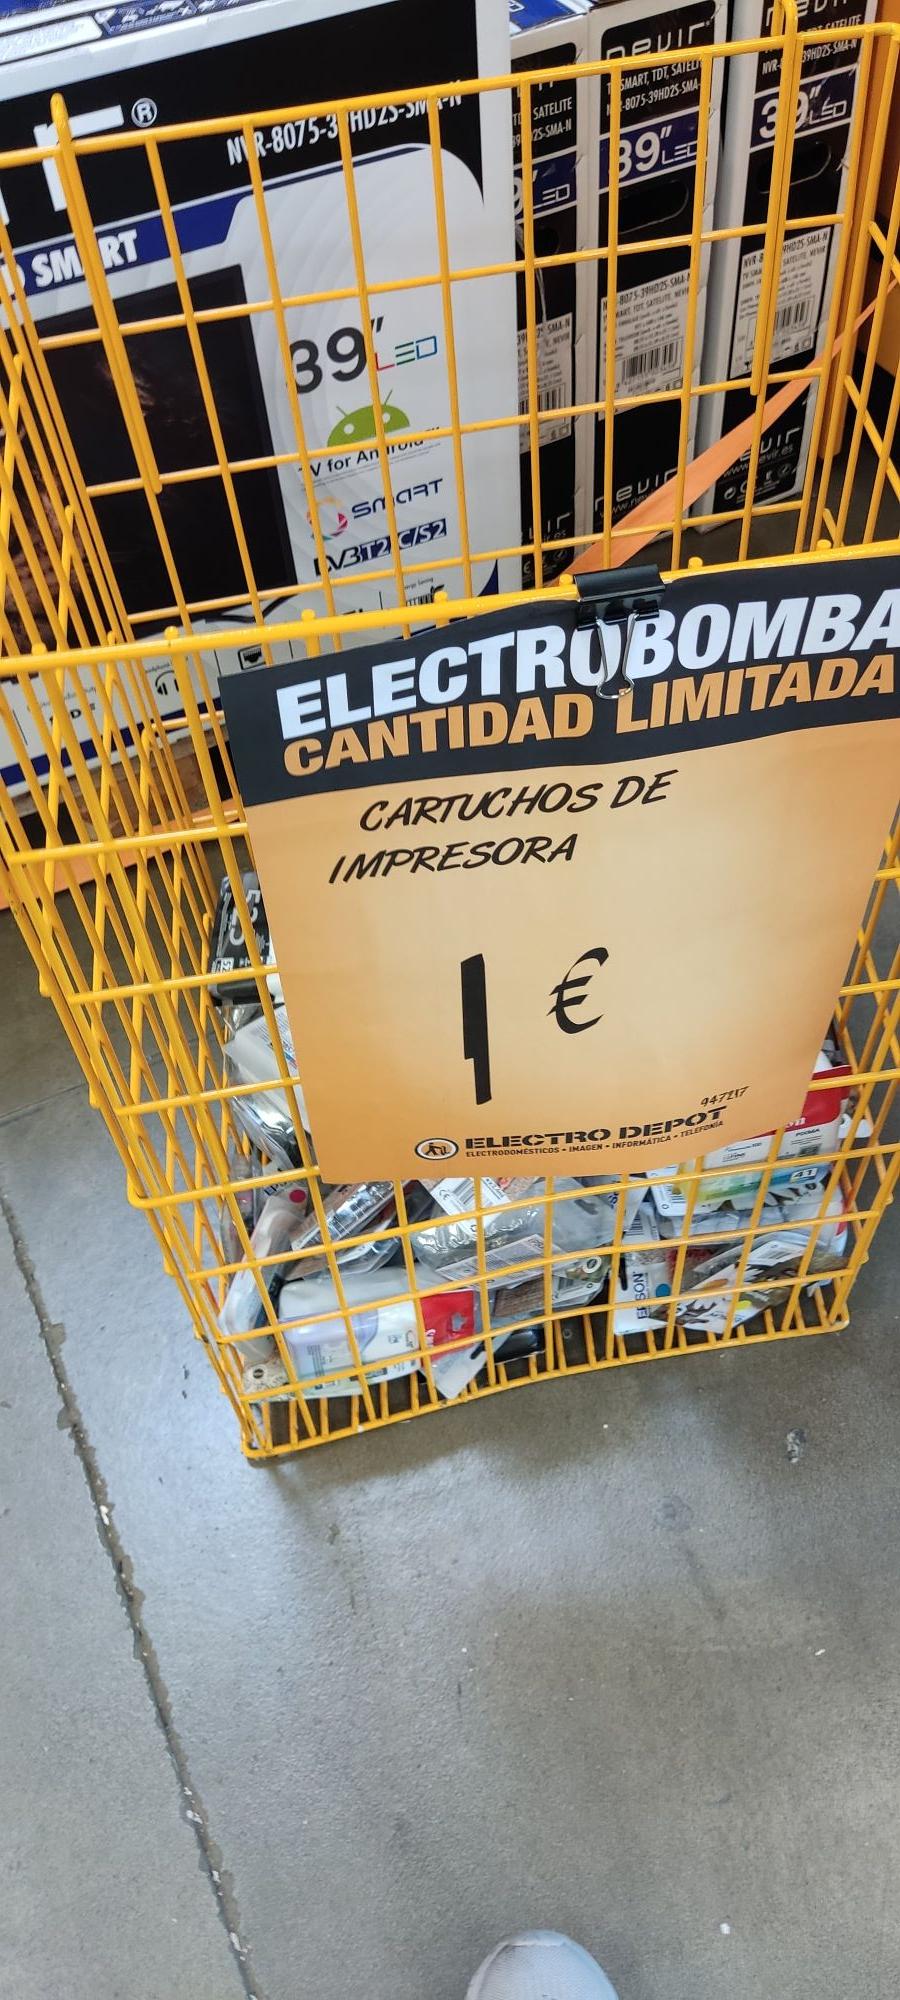 Cartuchos de tinta varios 1€ en Electro Depot de Alcalá de Henares